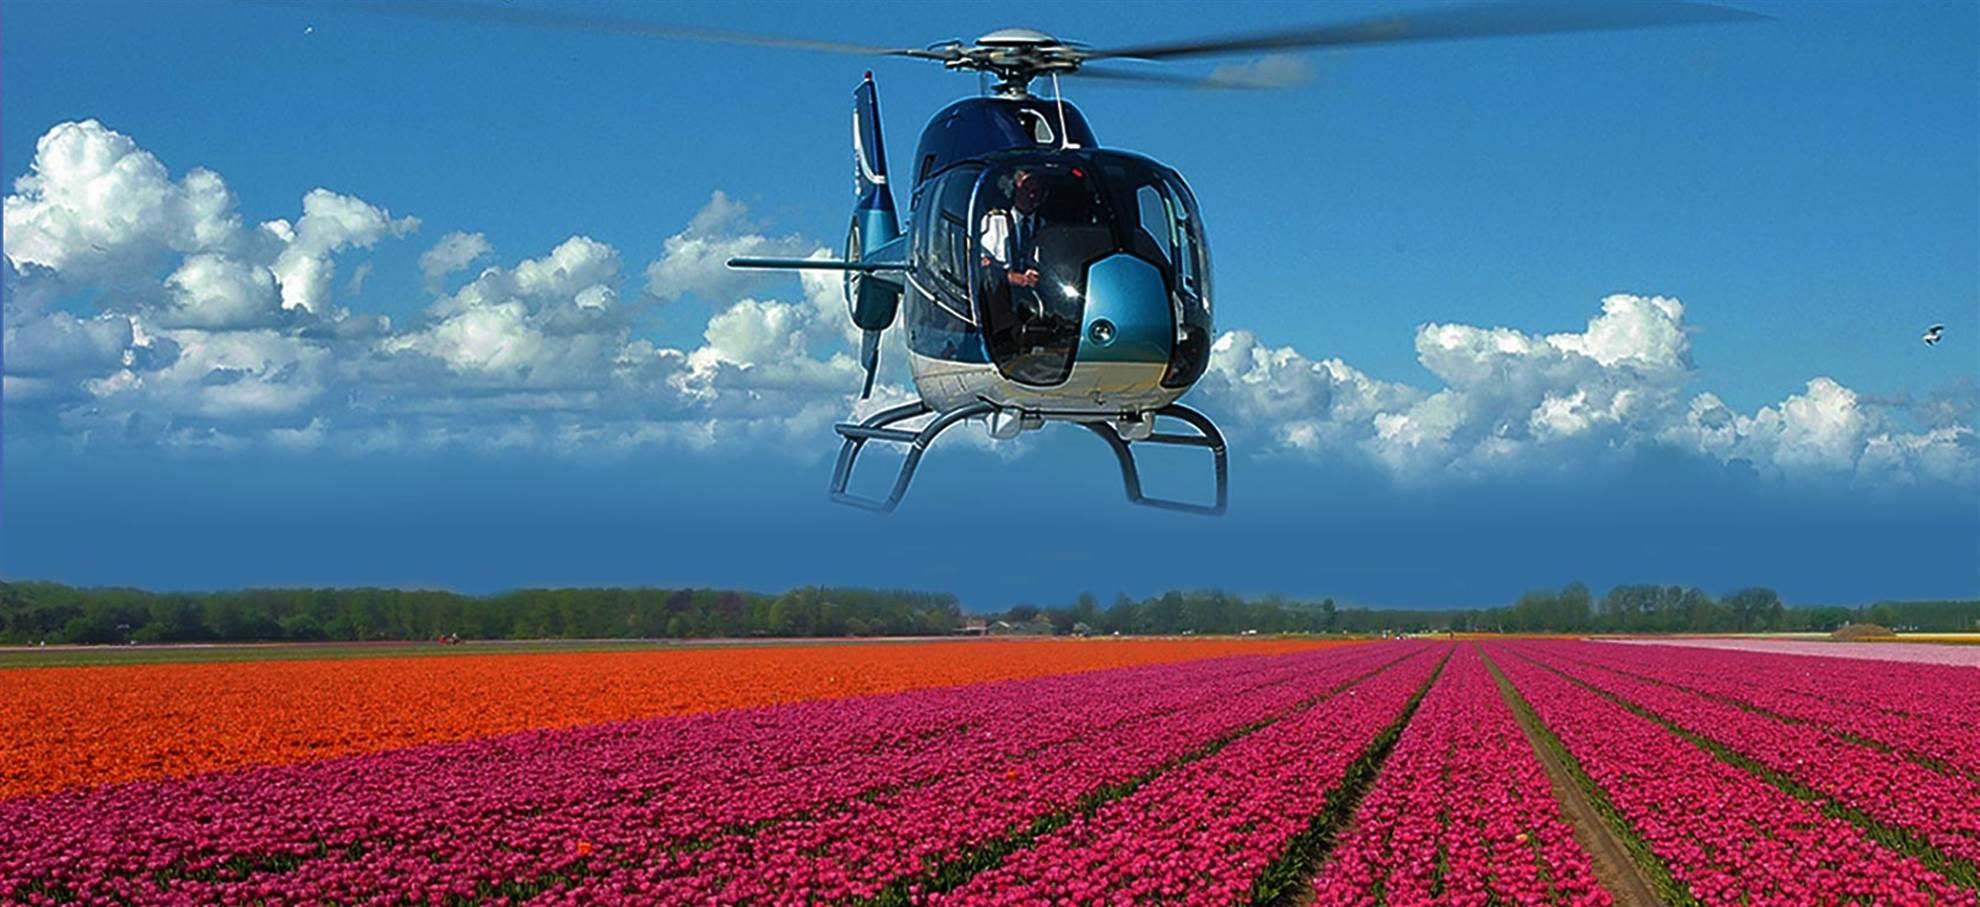 郁金香田直升机体验(包括导游)